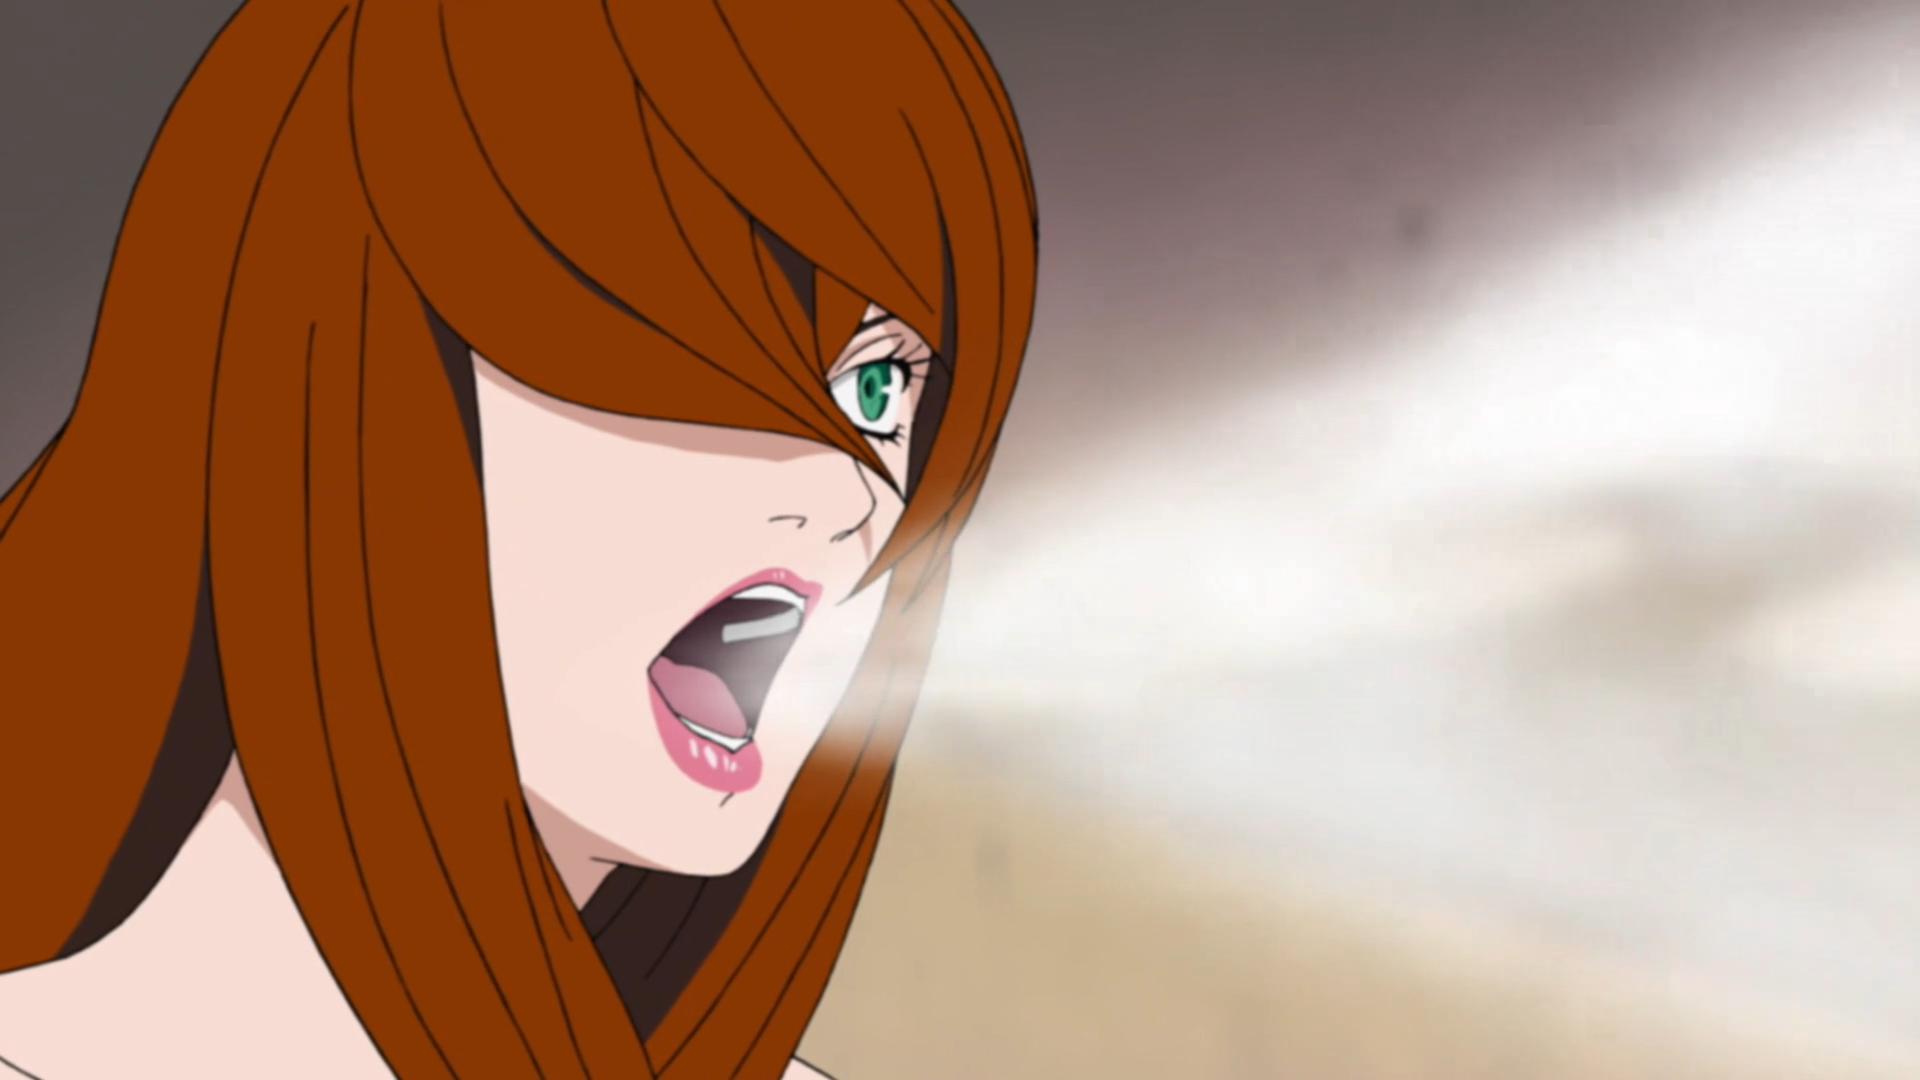 Beliefsfeelings Naruto 2 Kekkei Genkai